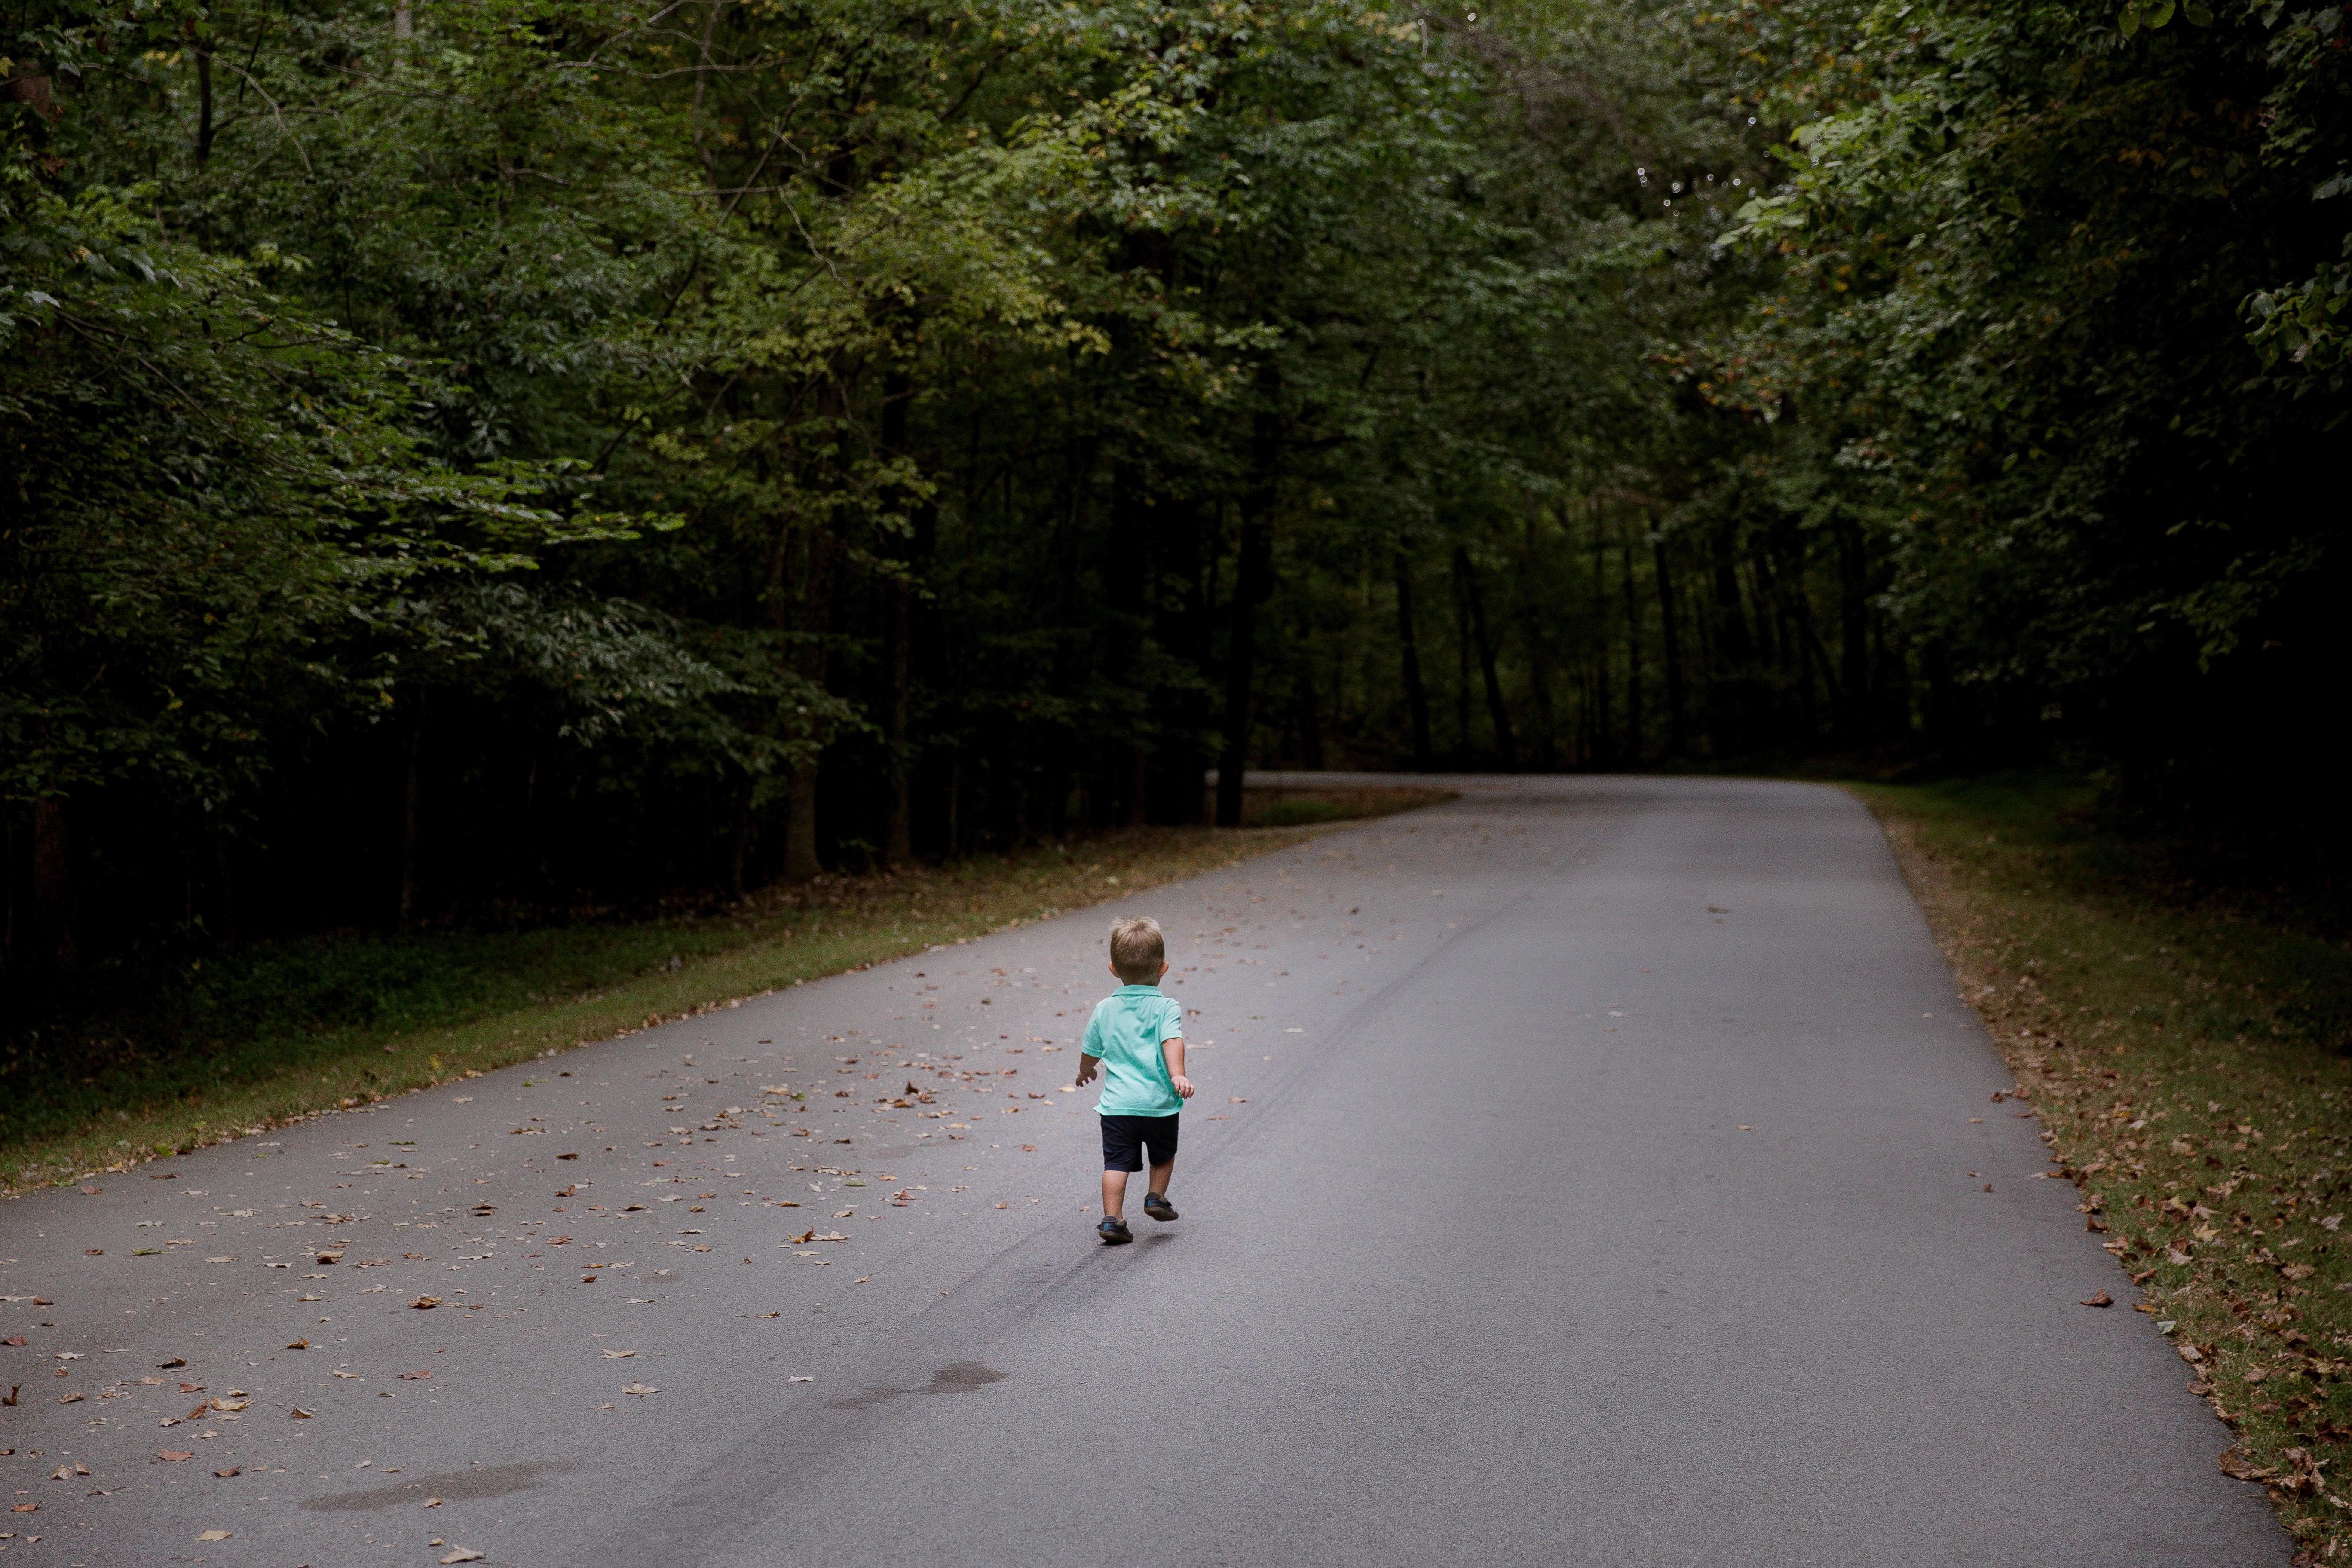 A little boy running down a street by himself